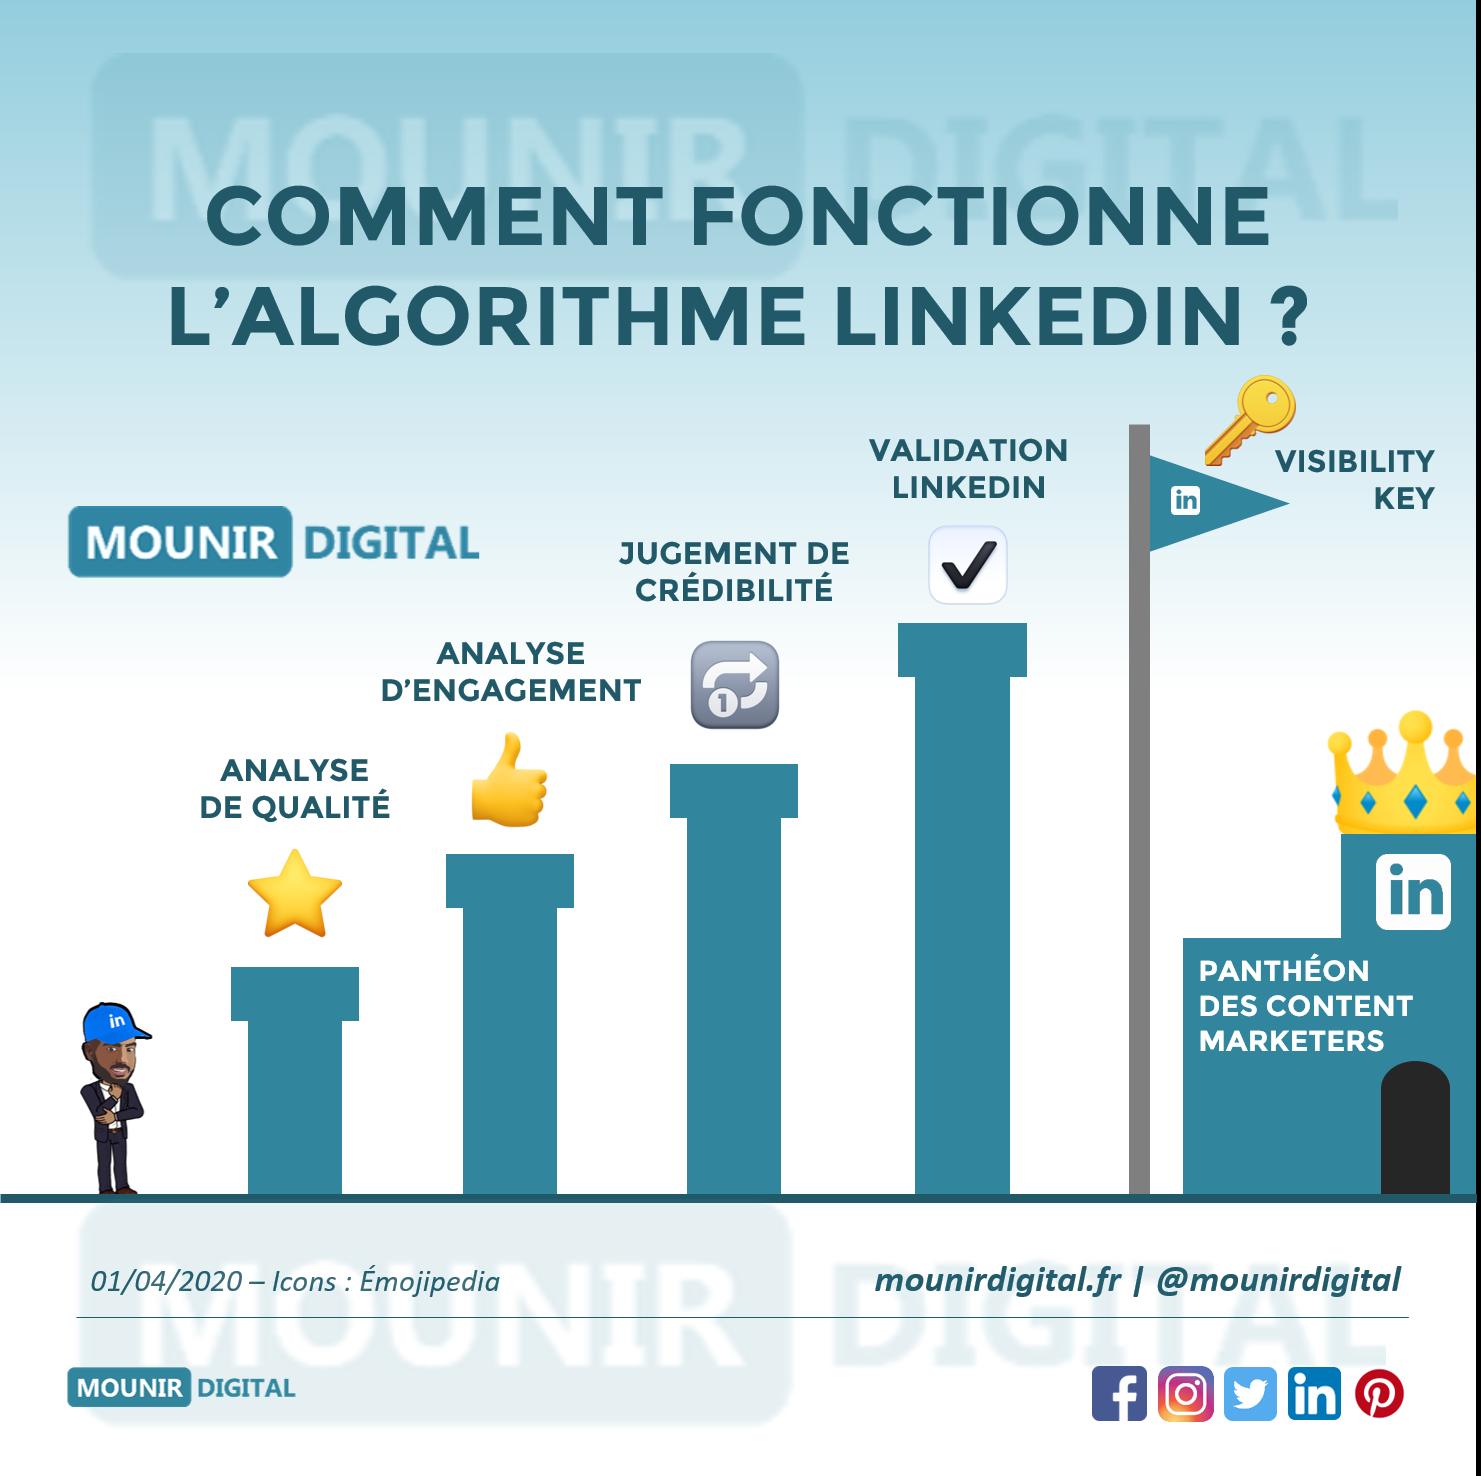 Mounir Digital - Comment fonctionne l'algorithme de LinkedIn